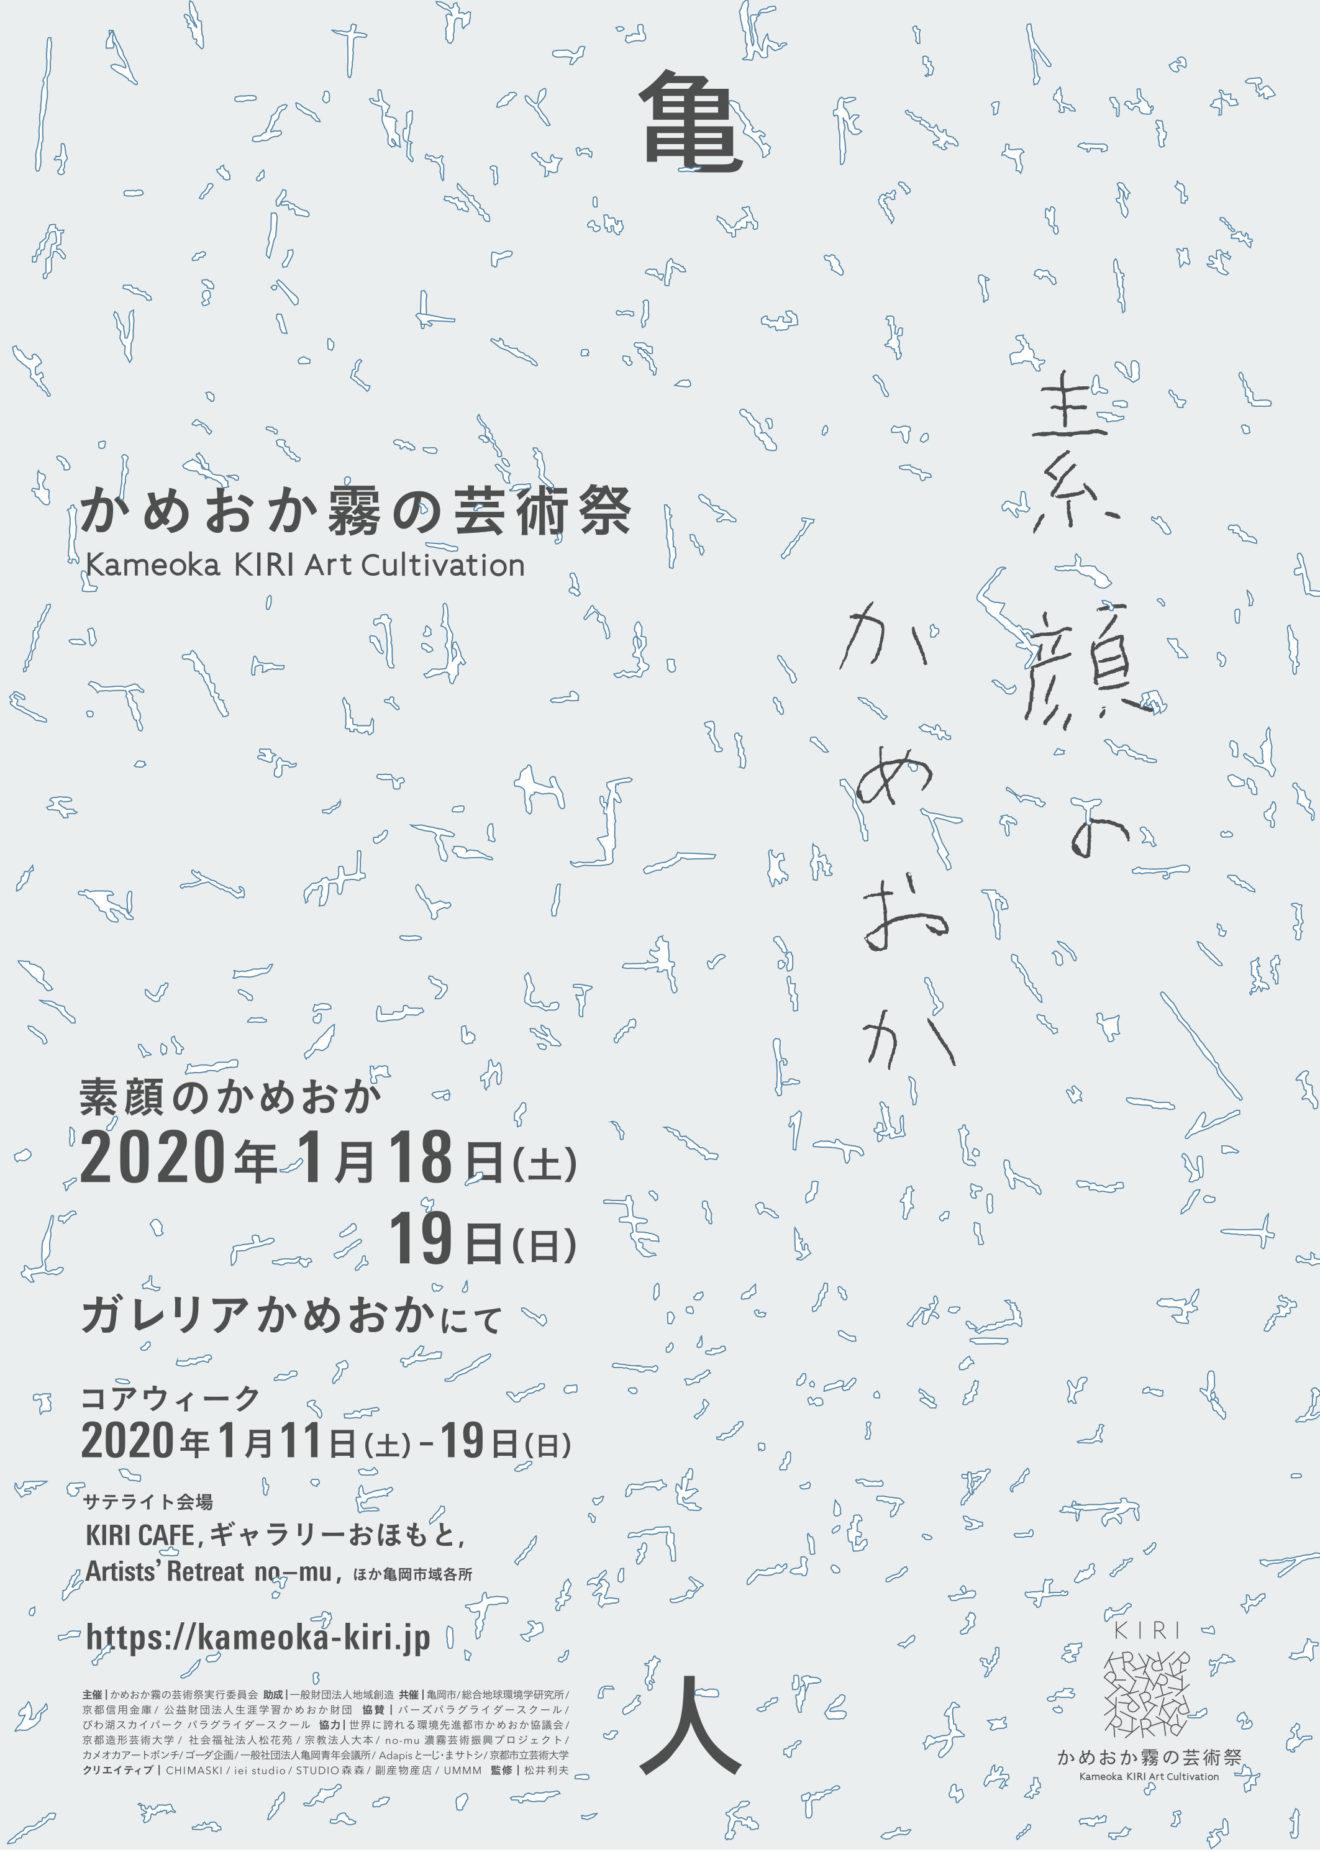 かめおか霧の芸術祭 〜素顔のかめおか〜『ガレリア美術館』